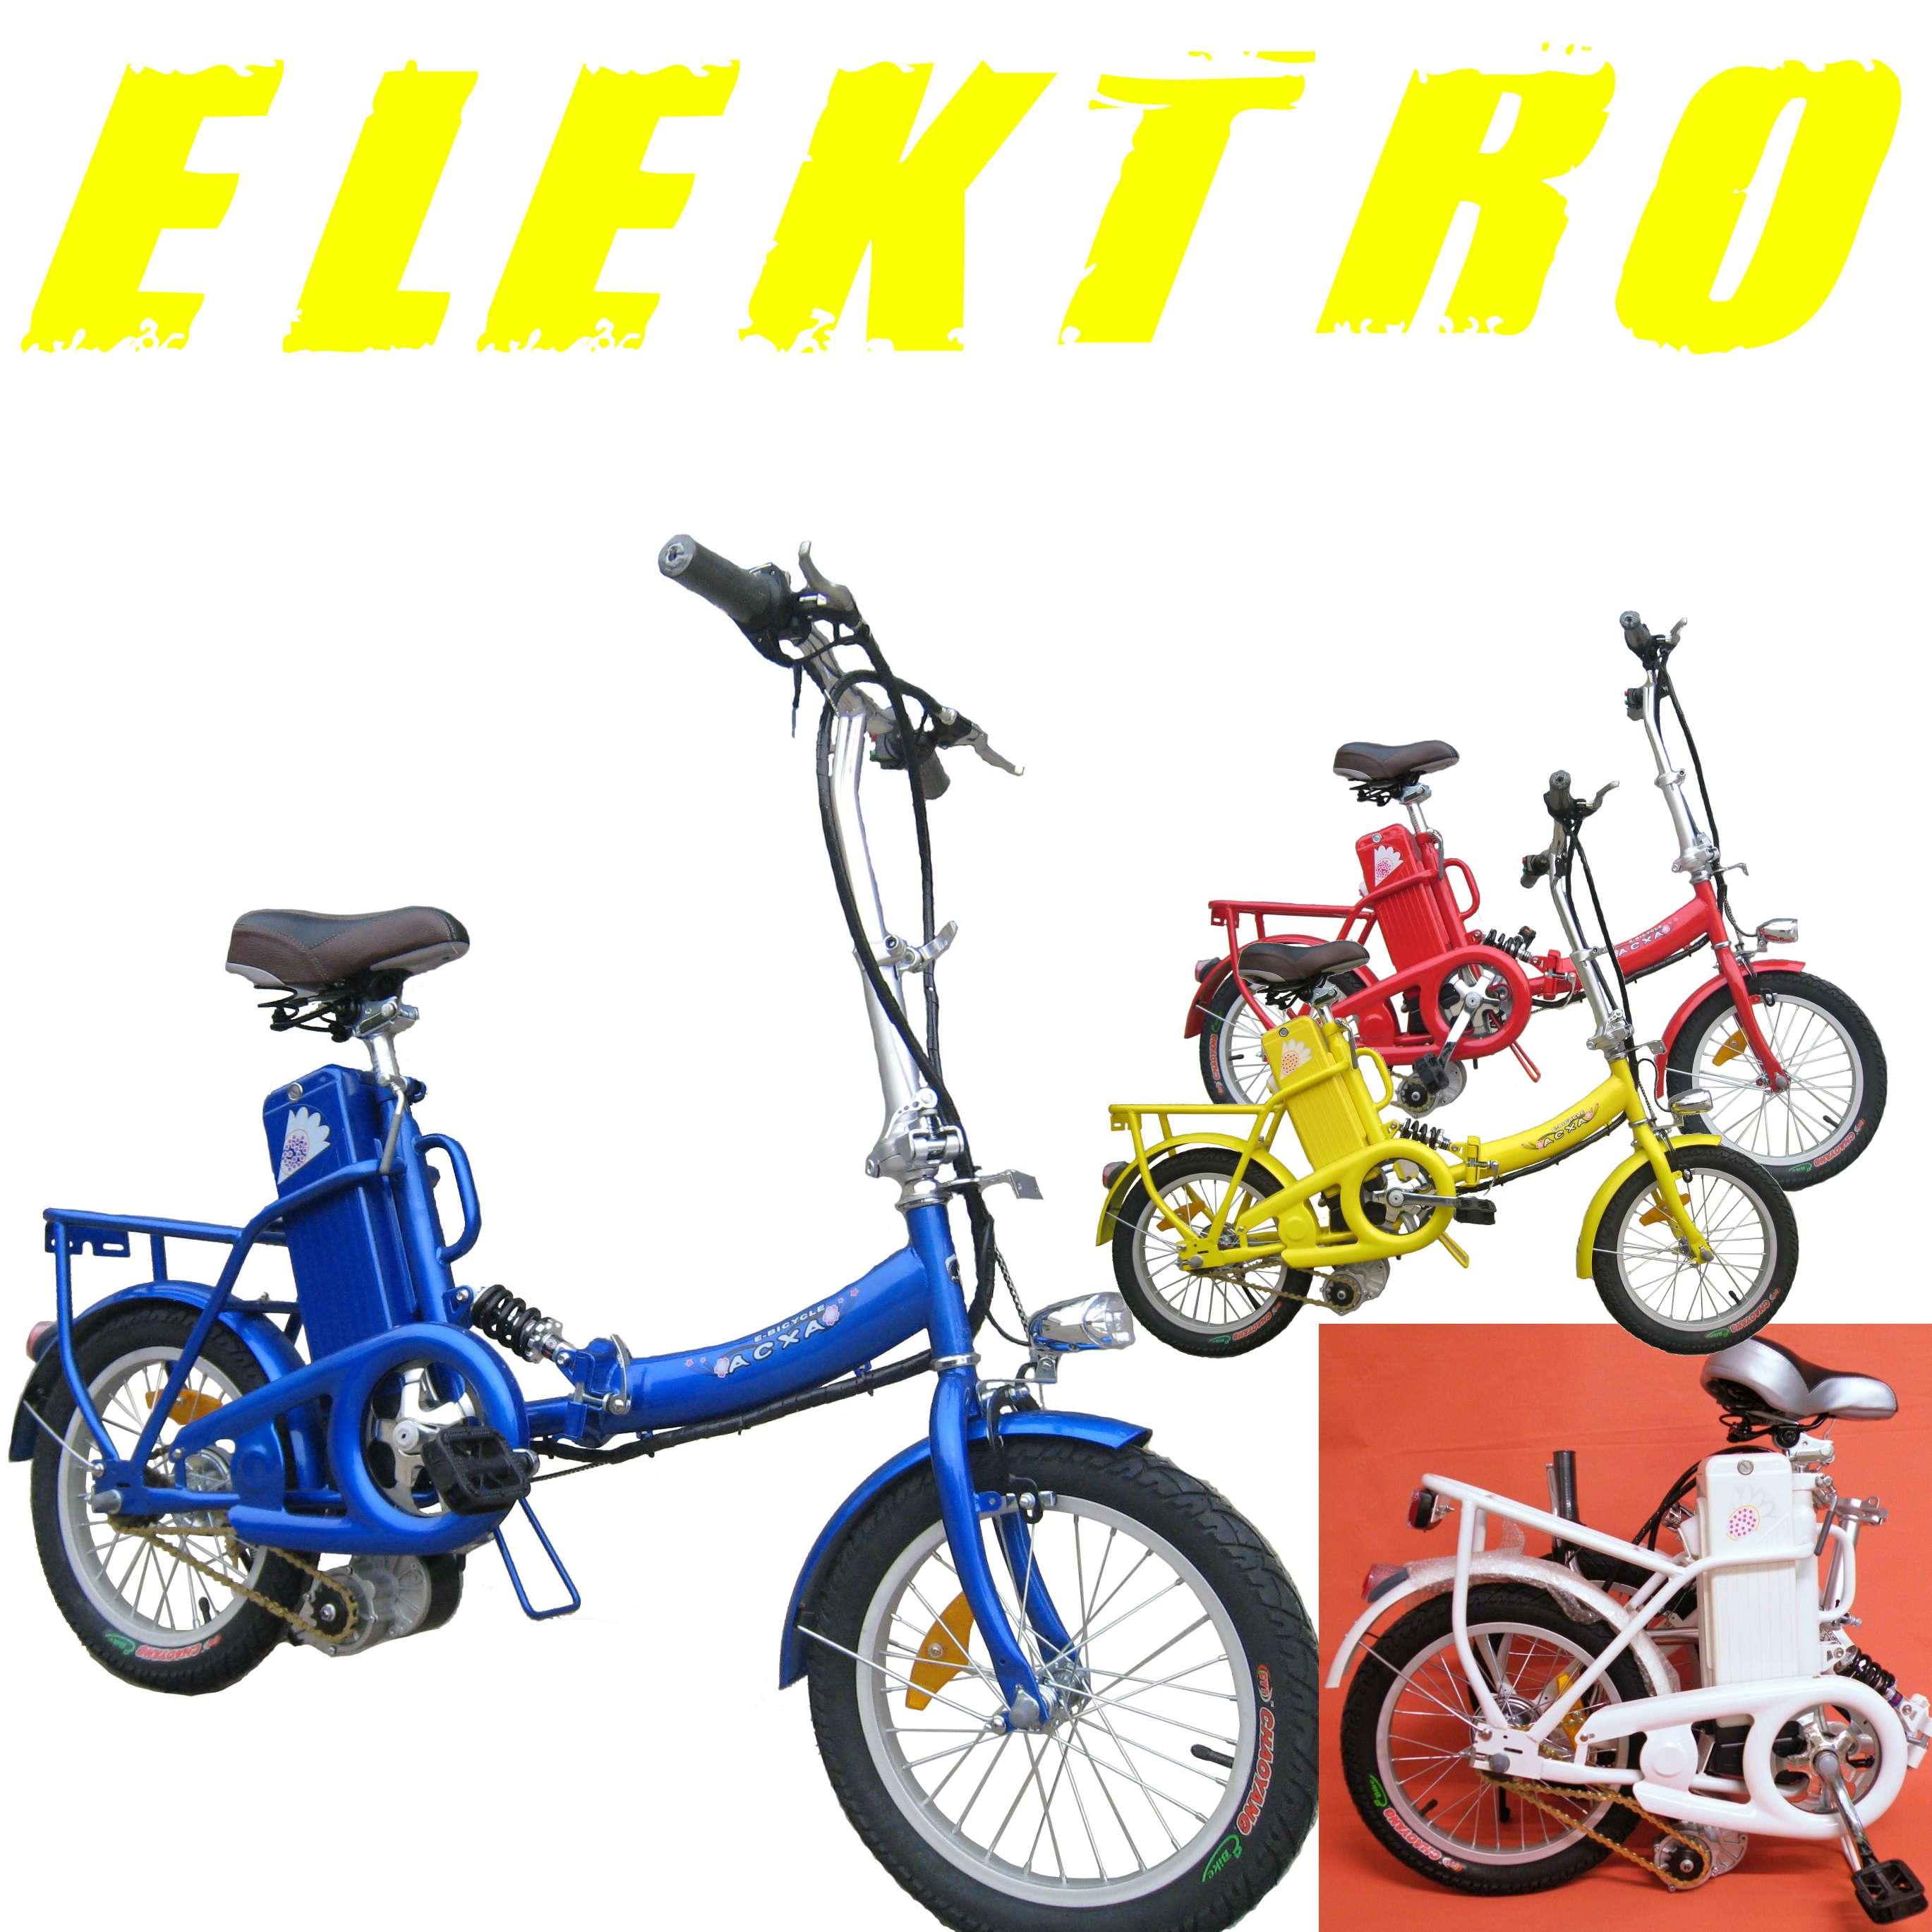 pedelec mini e bike elektrofahrrad fahrrad elektro ebike klapprad usb ebay. Black Bedroom Furniture Sets. Home Design Ideas